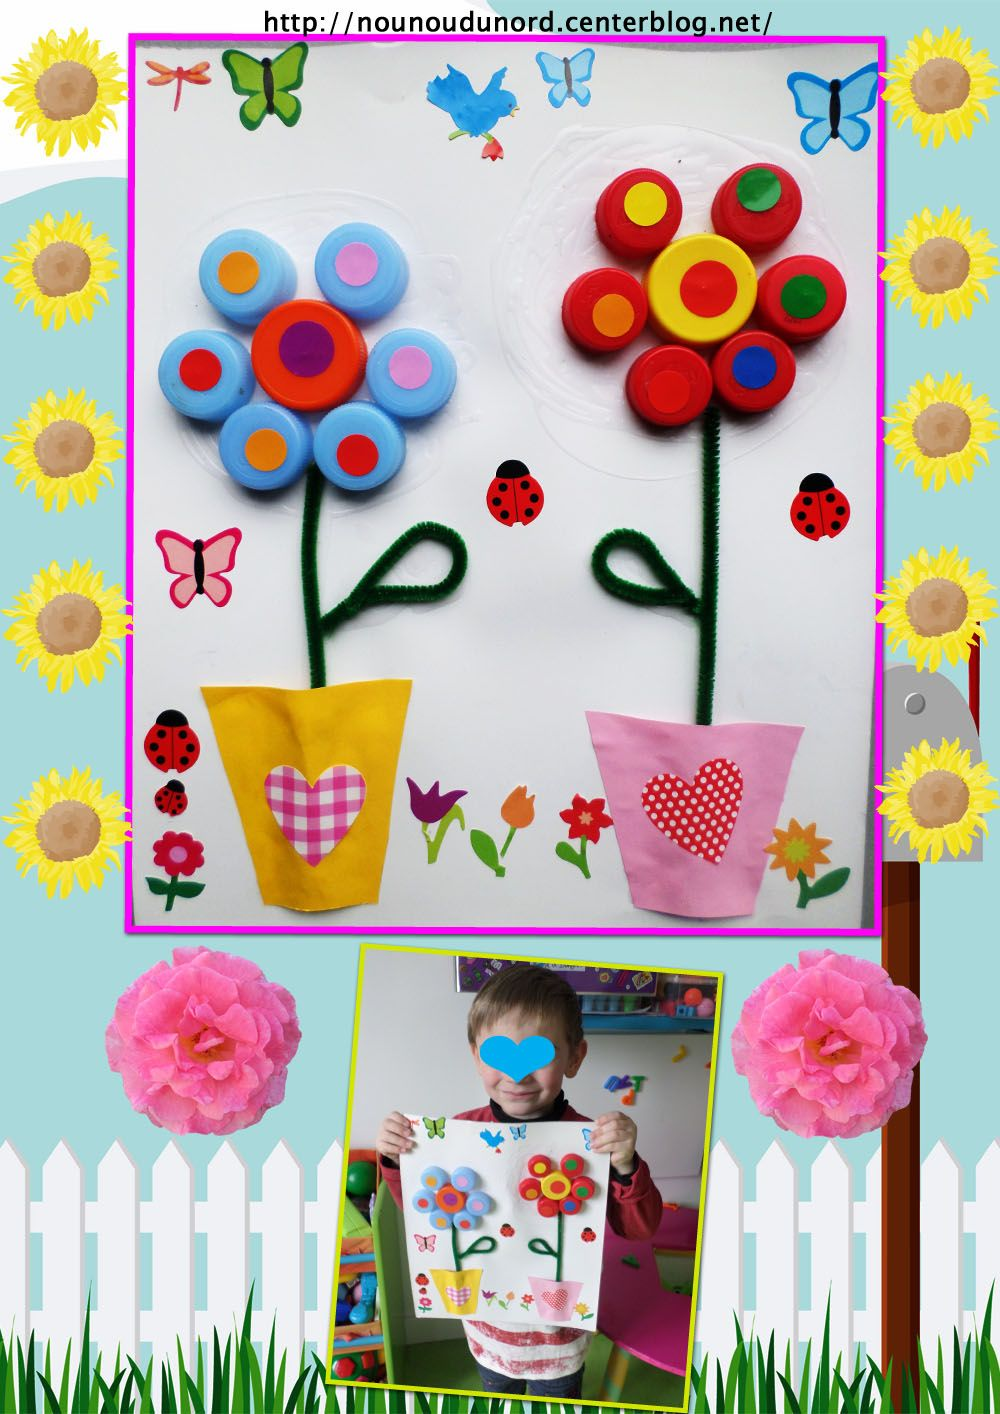 Bloemen knutselen met doppen